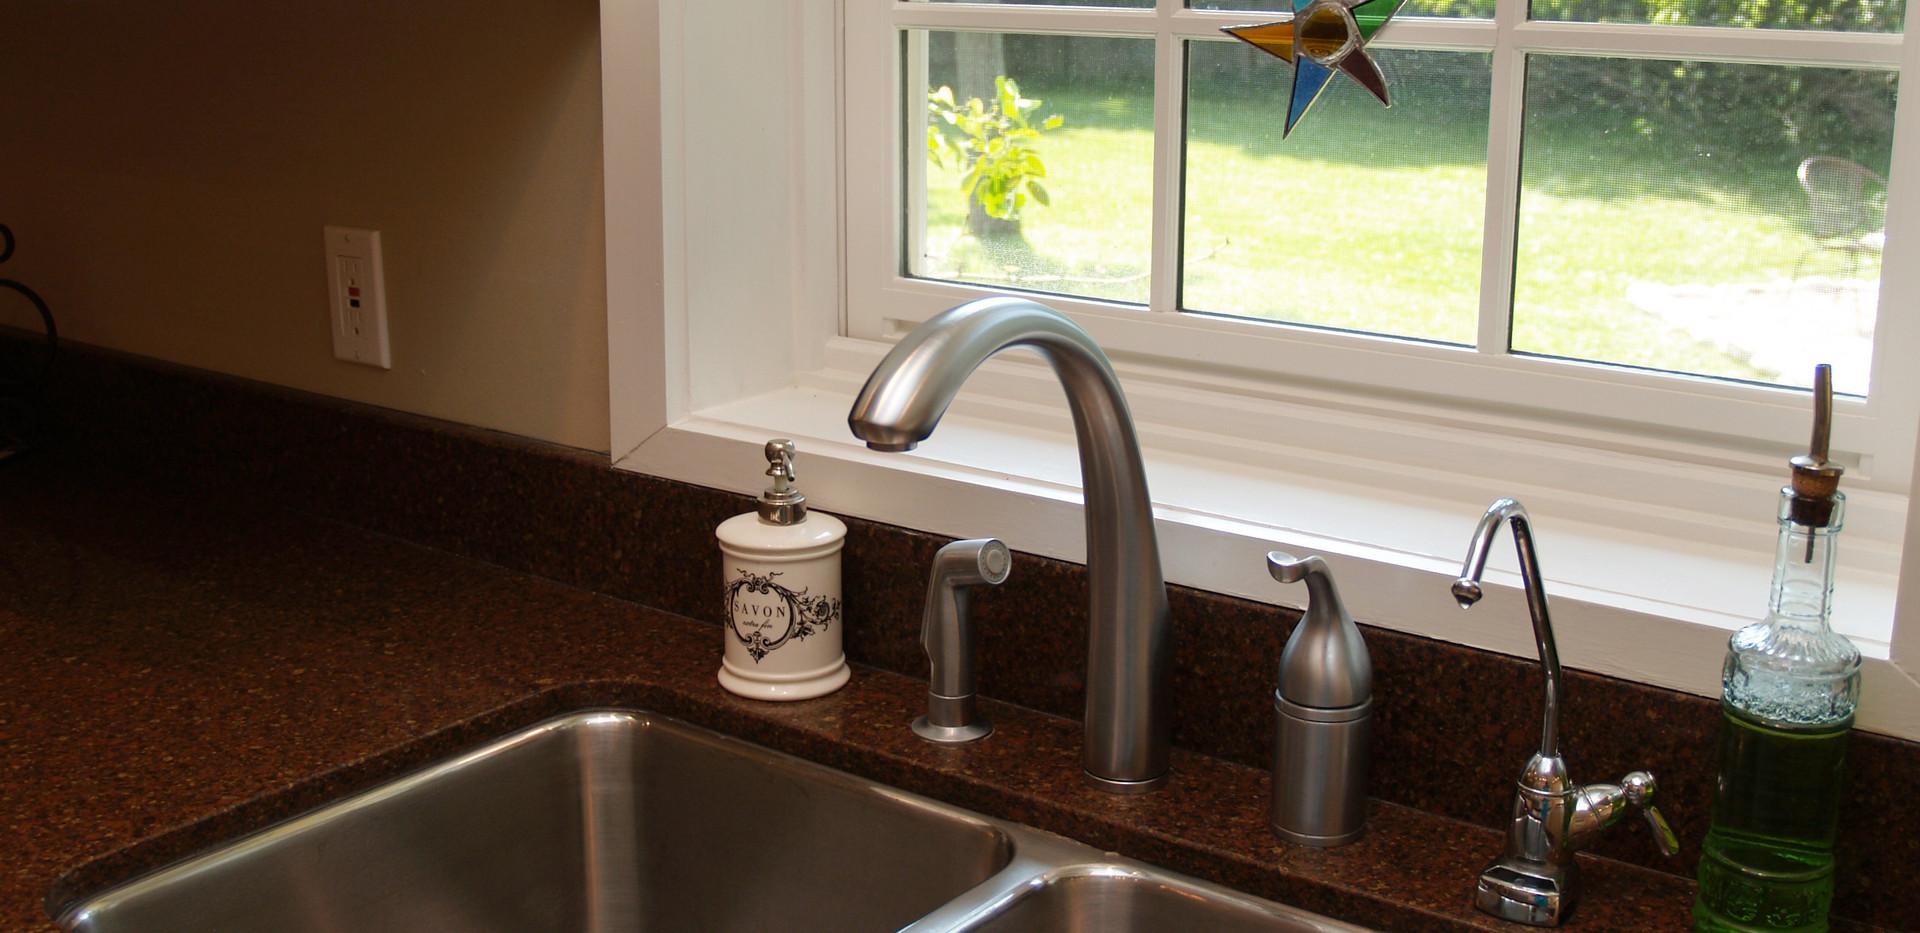 014_Kitchen Sink.jpg